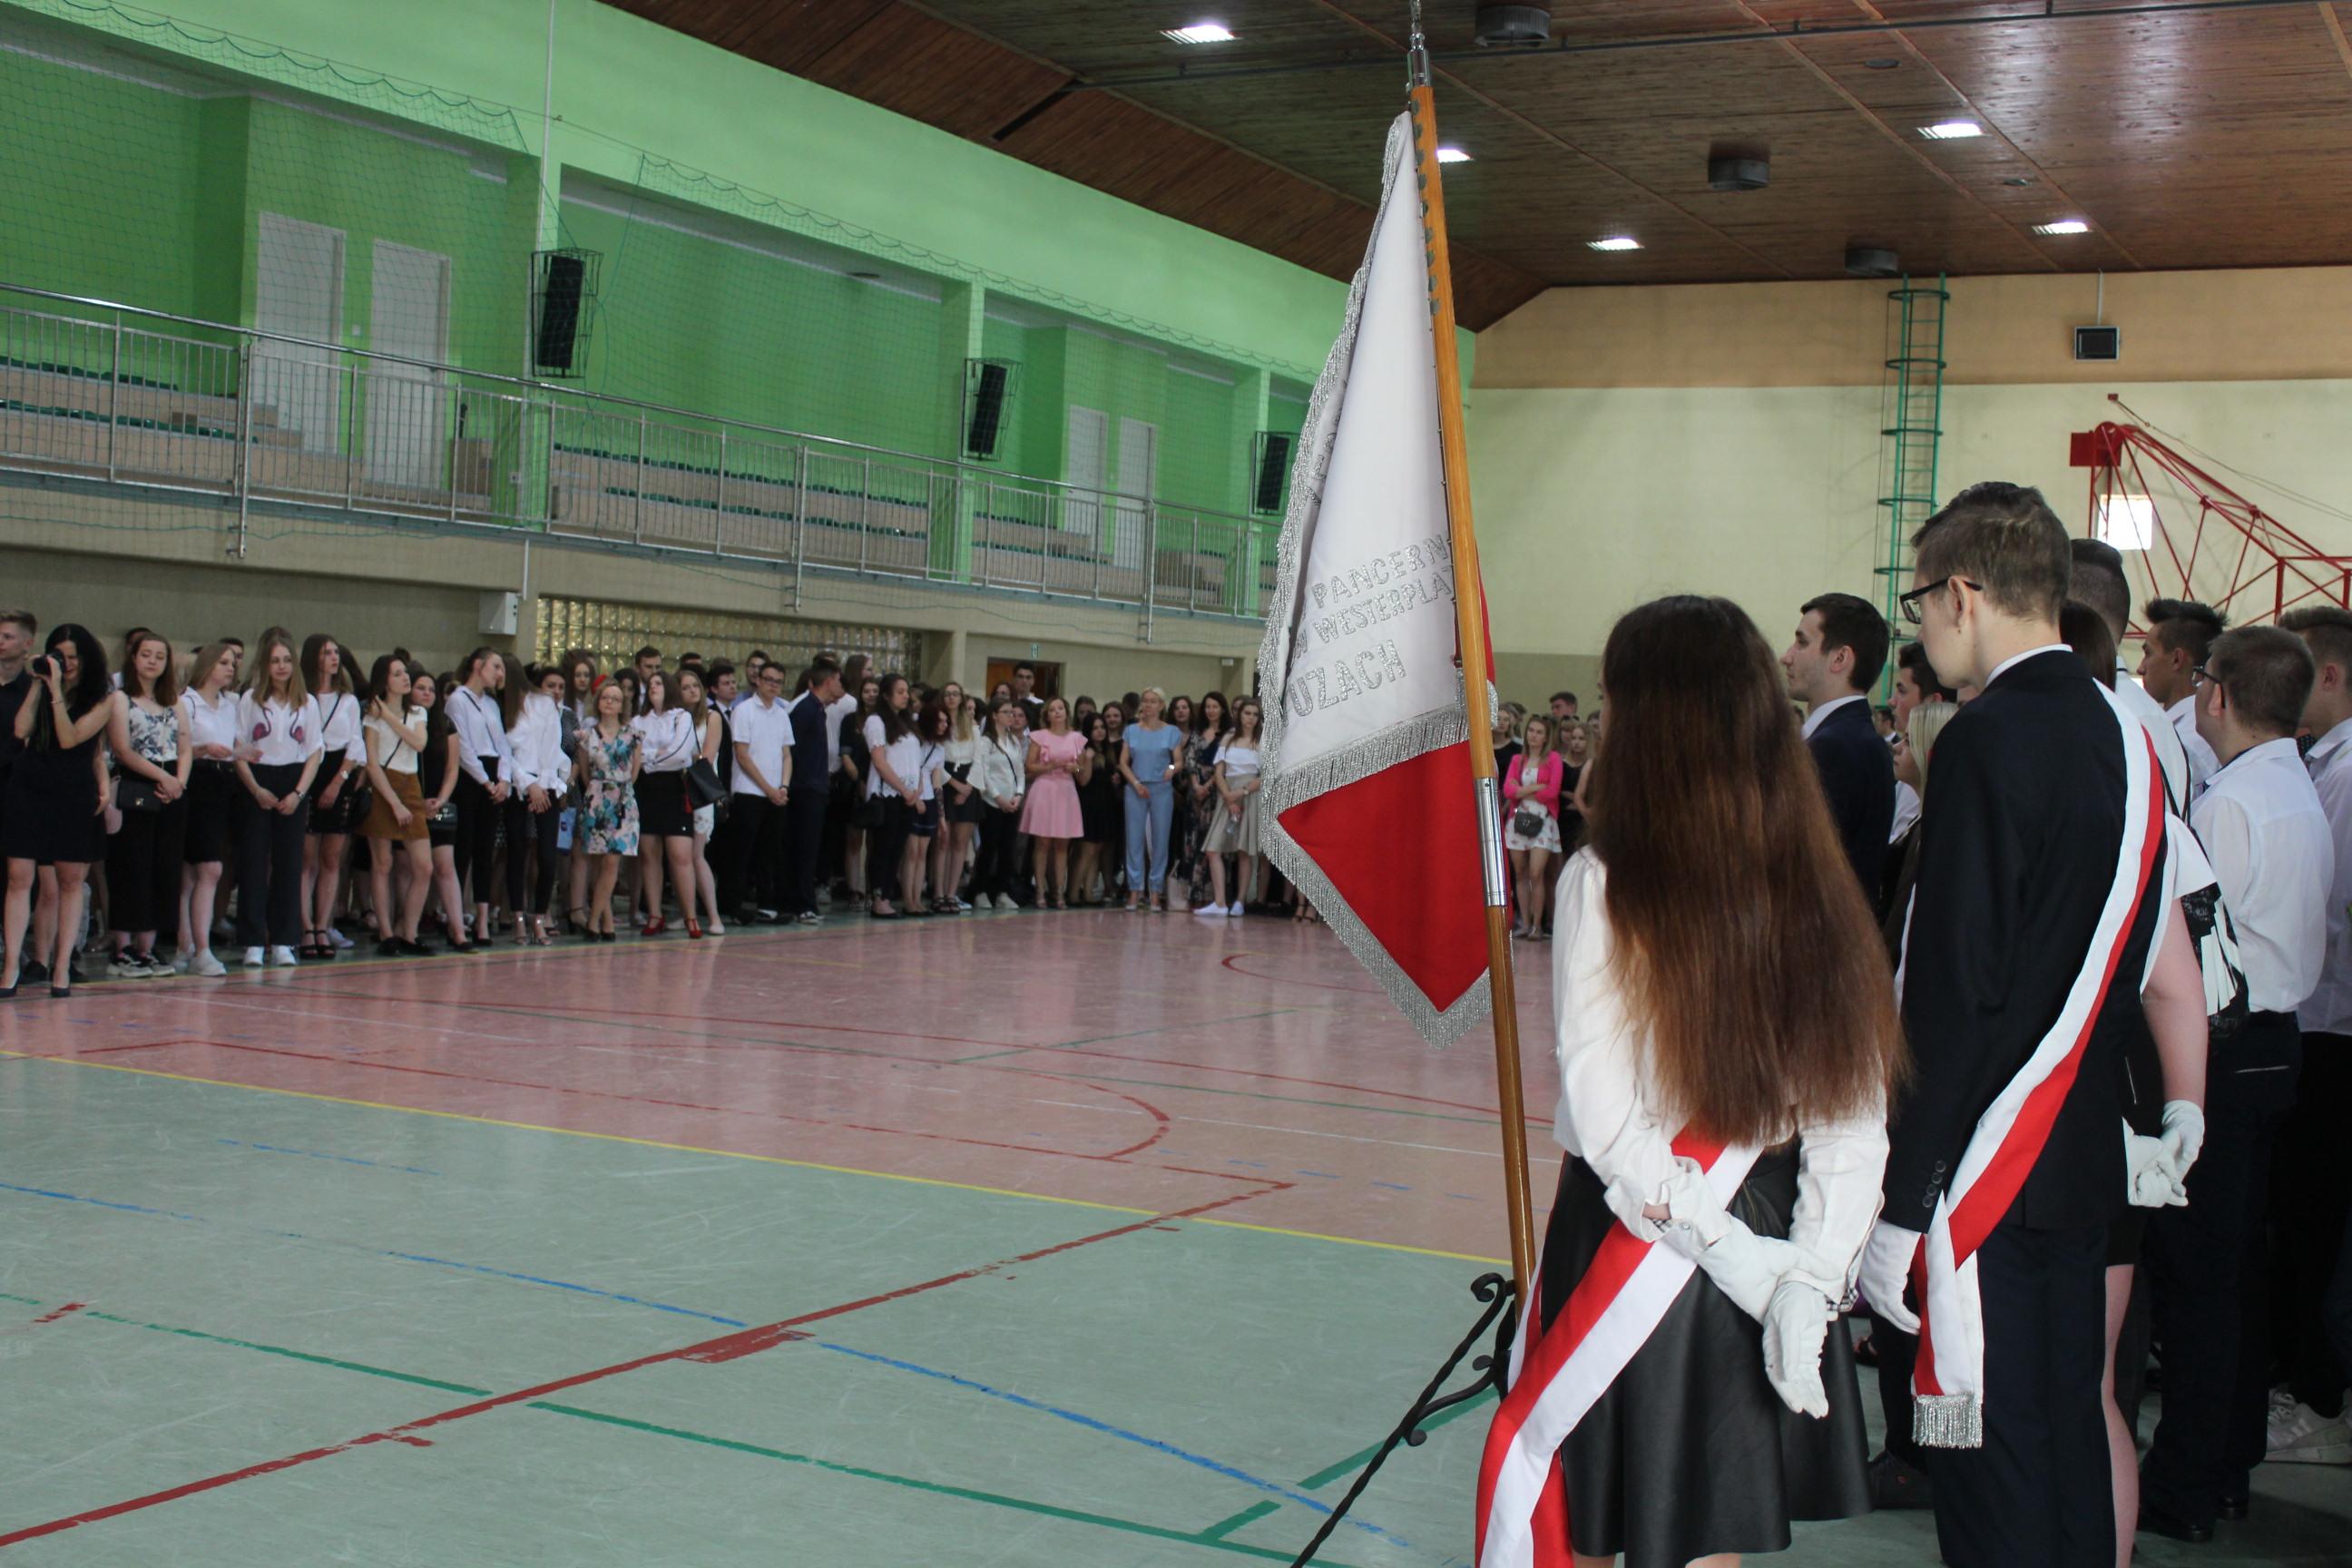 Zakończenie roku szkolnego na wzgórzu 2019 fot. P.CH. / zKaszub.info